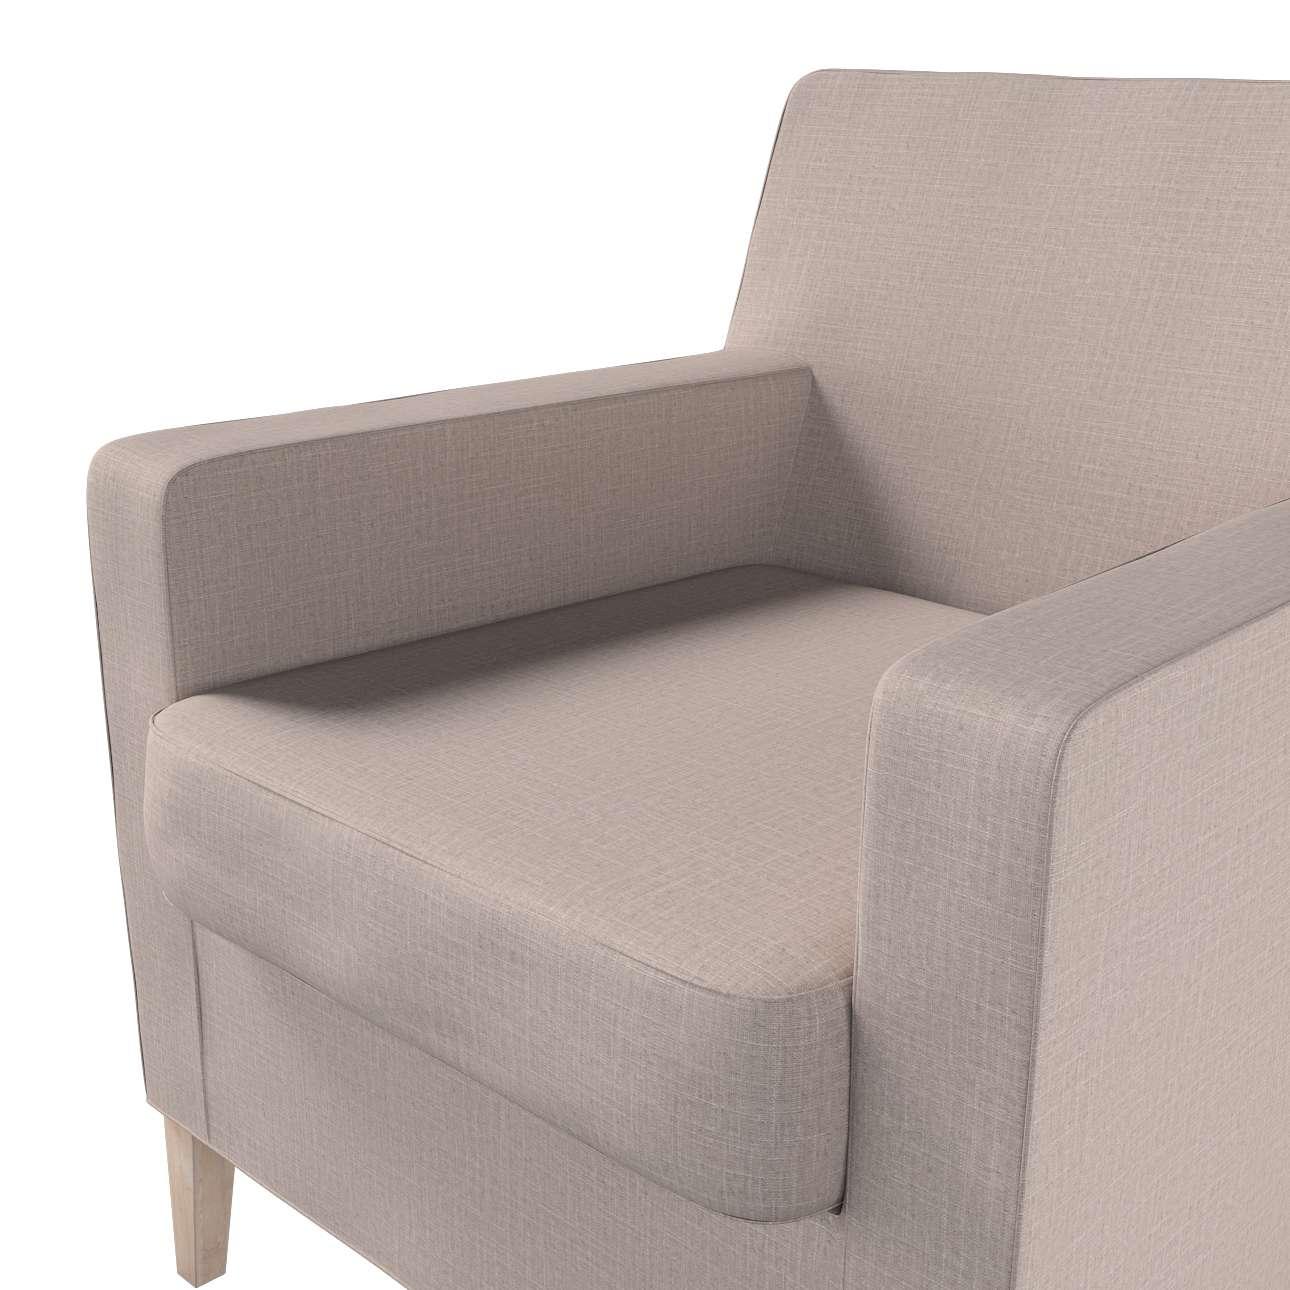 Pokrowiec na fotel Karlstad w kolekcji Living II, tkanina: 160-85